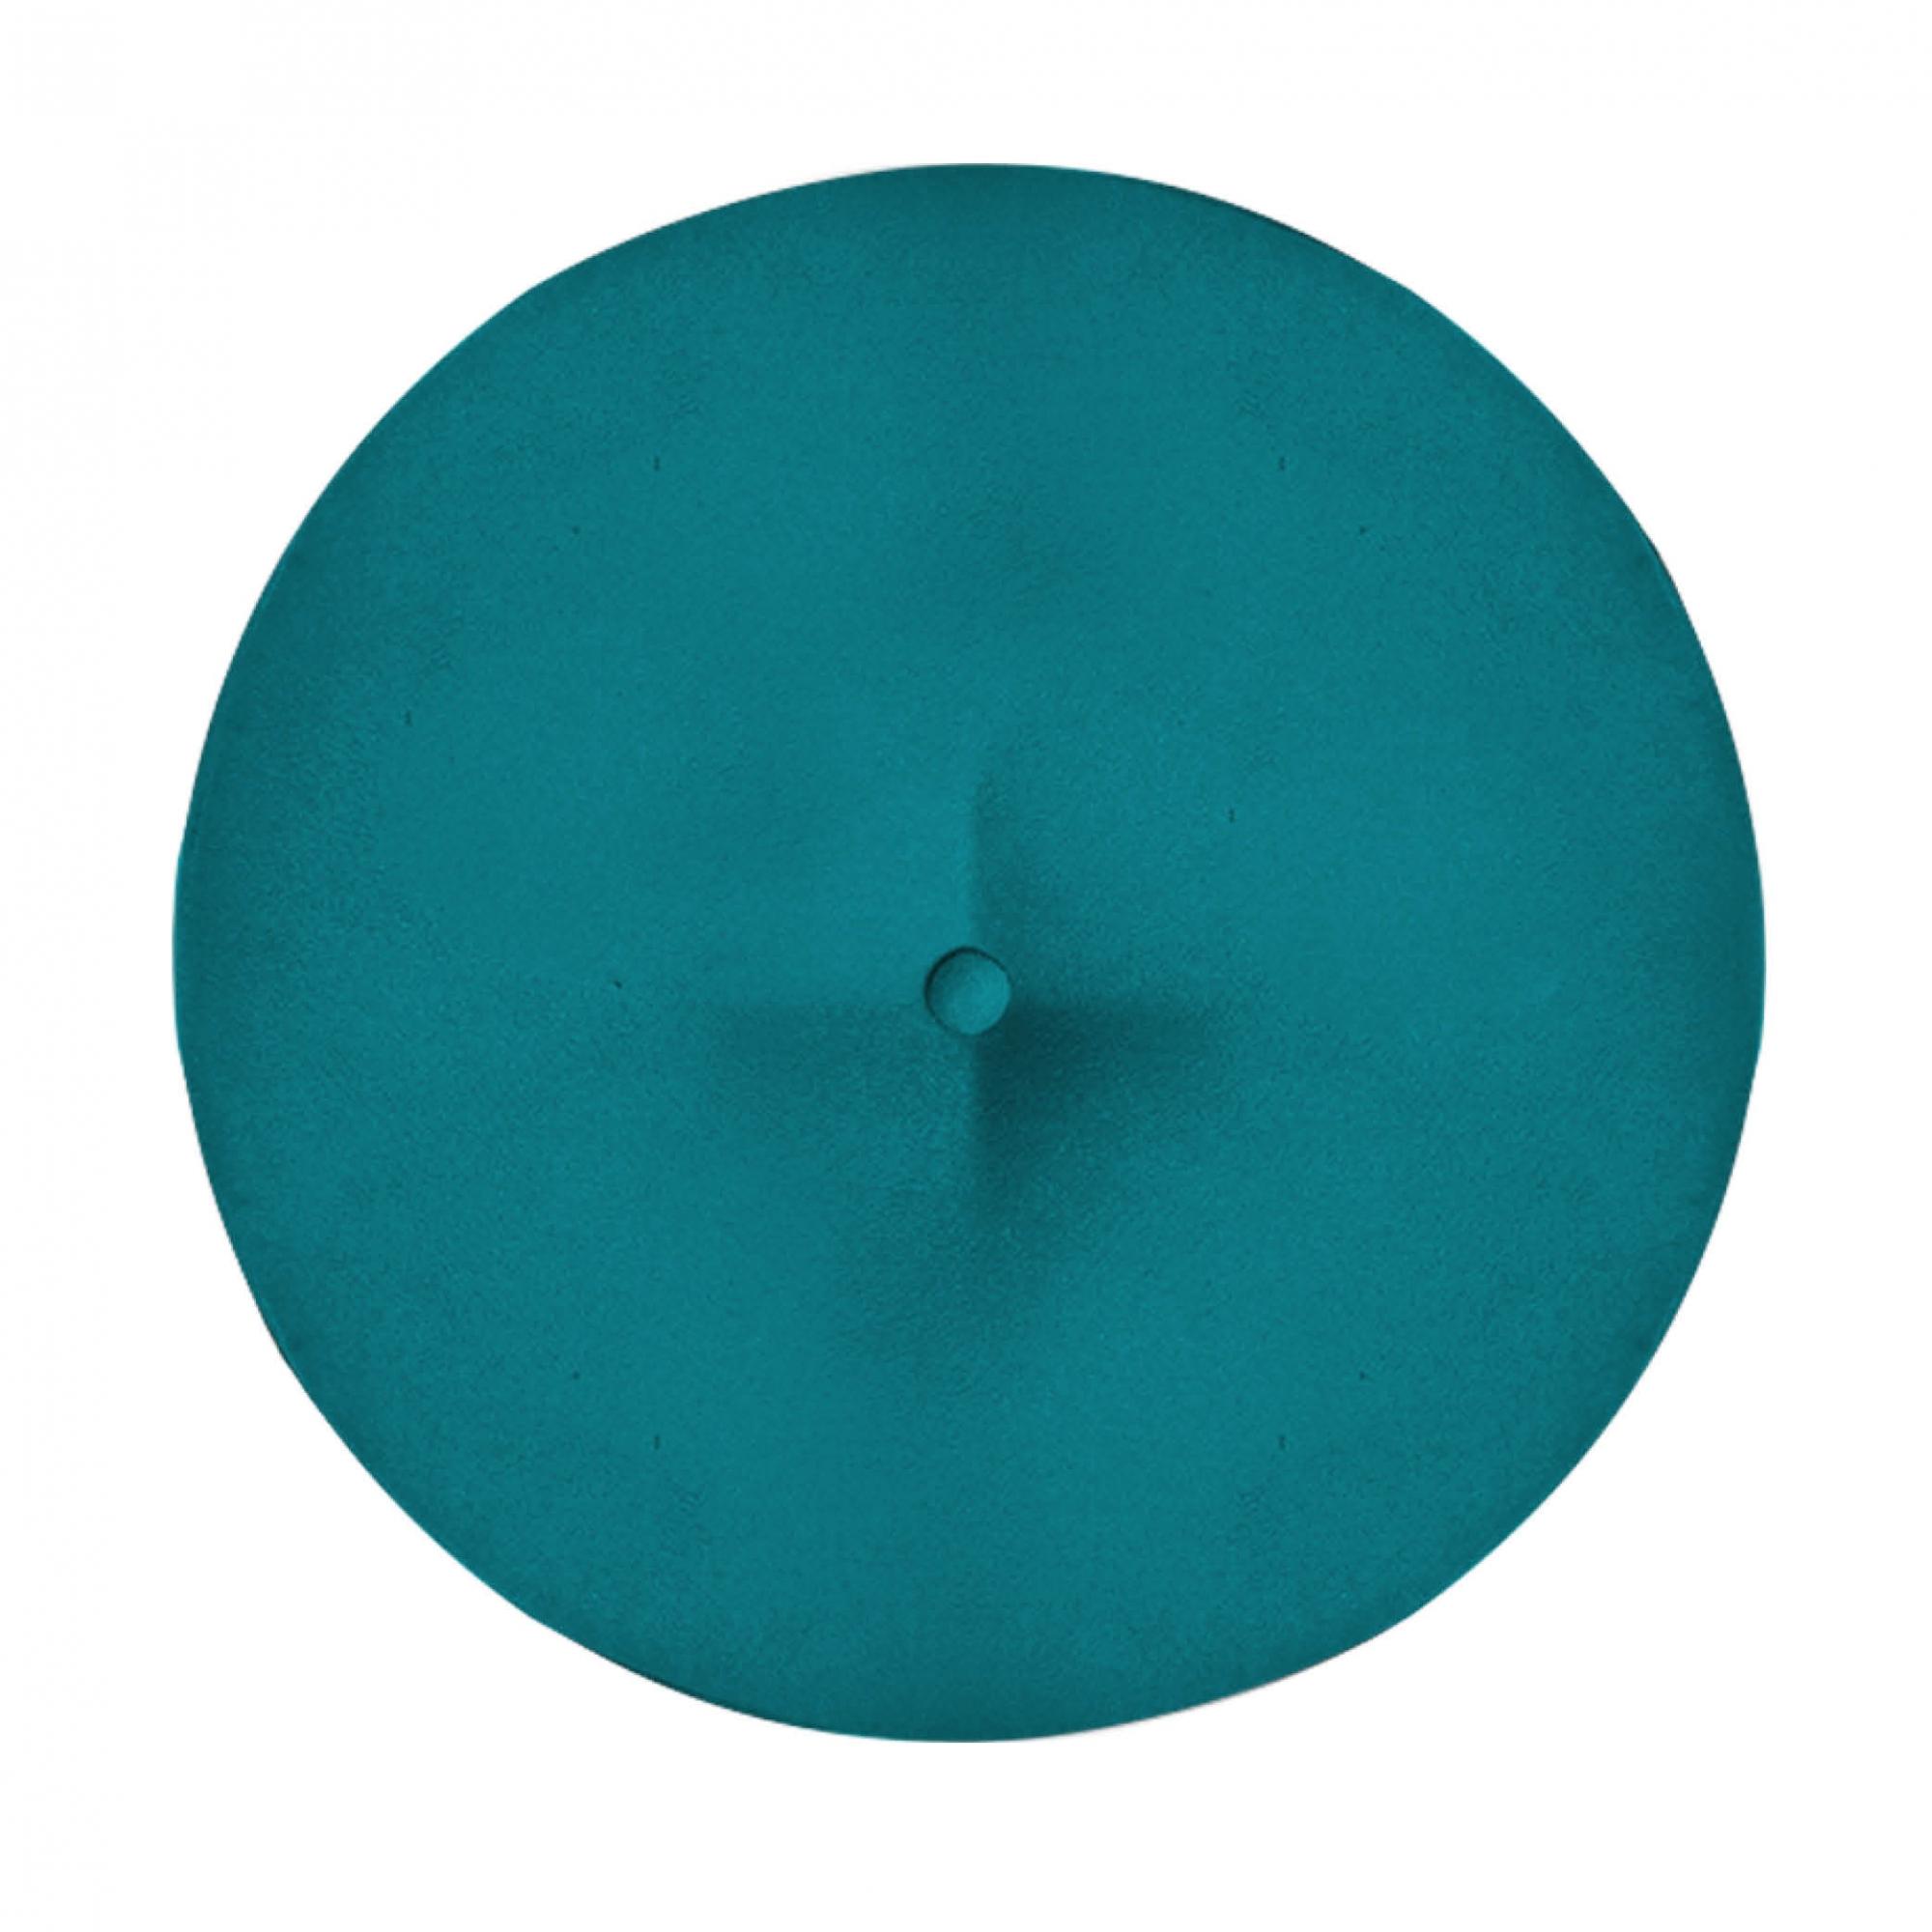 Puff Duda Decoração Redondo Recepção Escritório Sala Estar Salão Quarto D'Classe Decor Suede Azul Tiffany